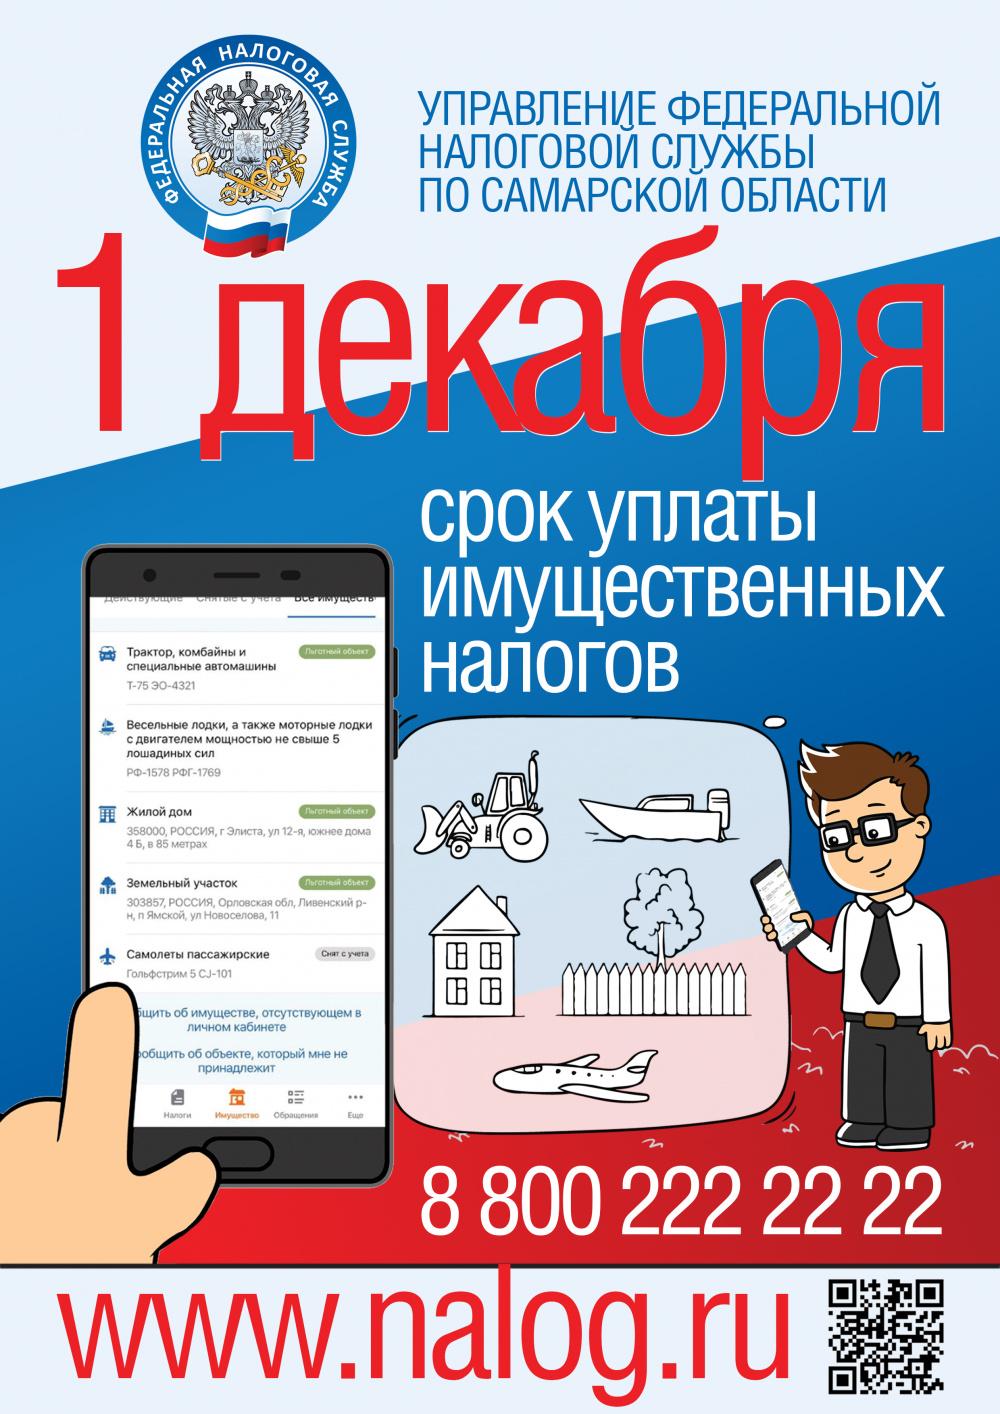 Межрайоная ИФНС России No 14 по Самарской области напоминает